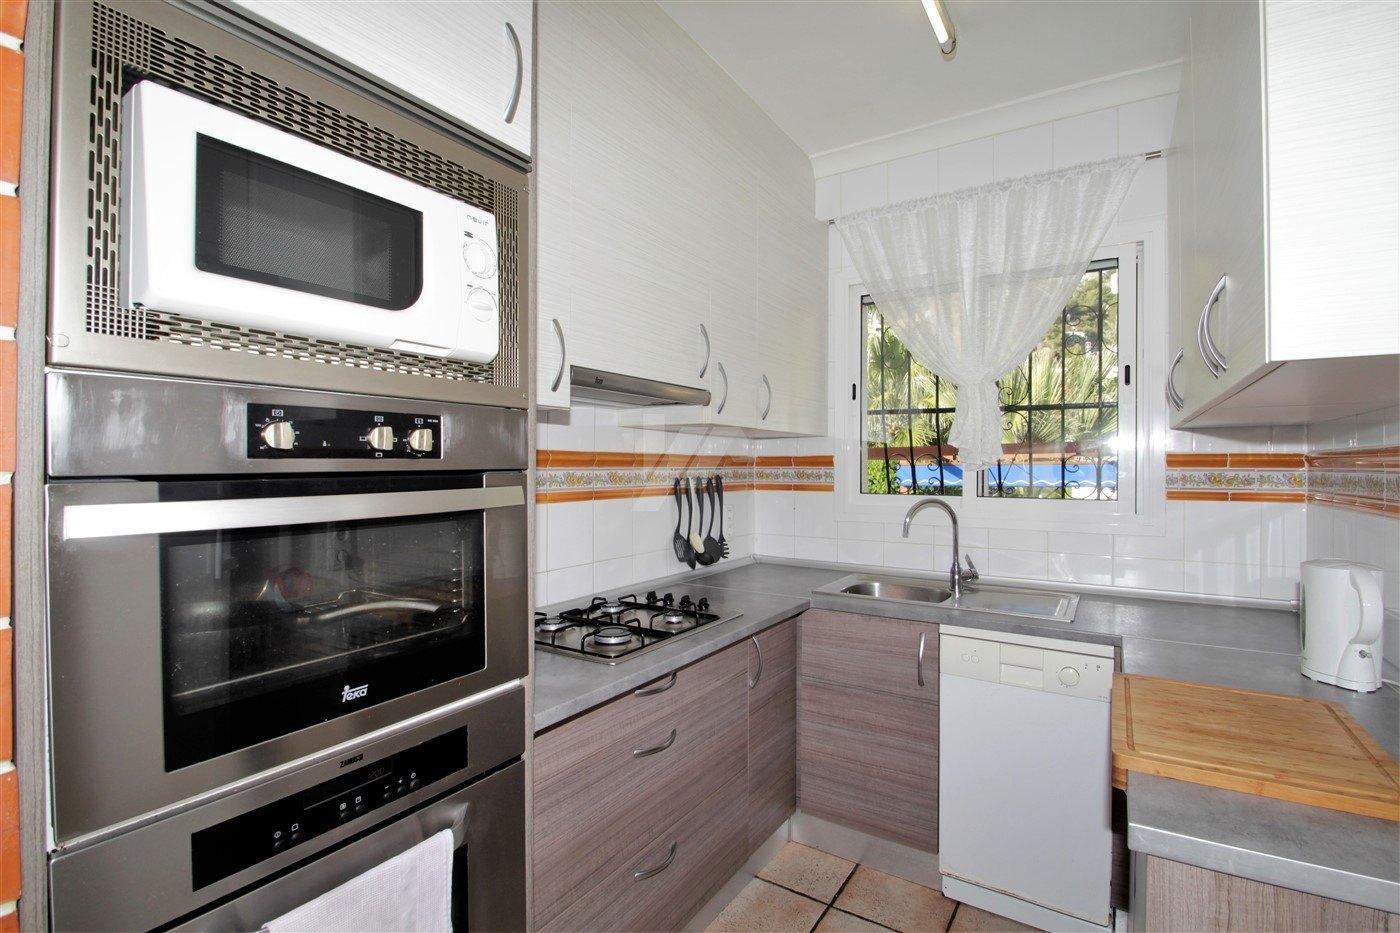 Villa zum Verkauf in Moraira, offenen Blick.